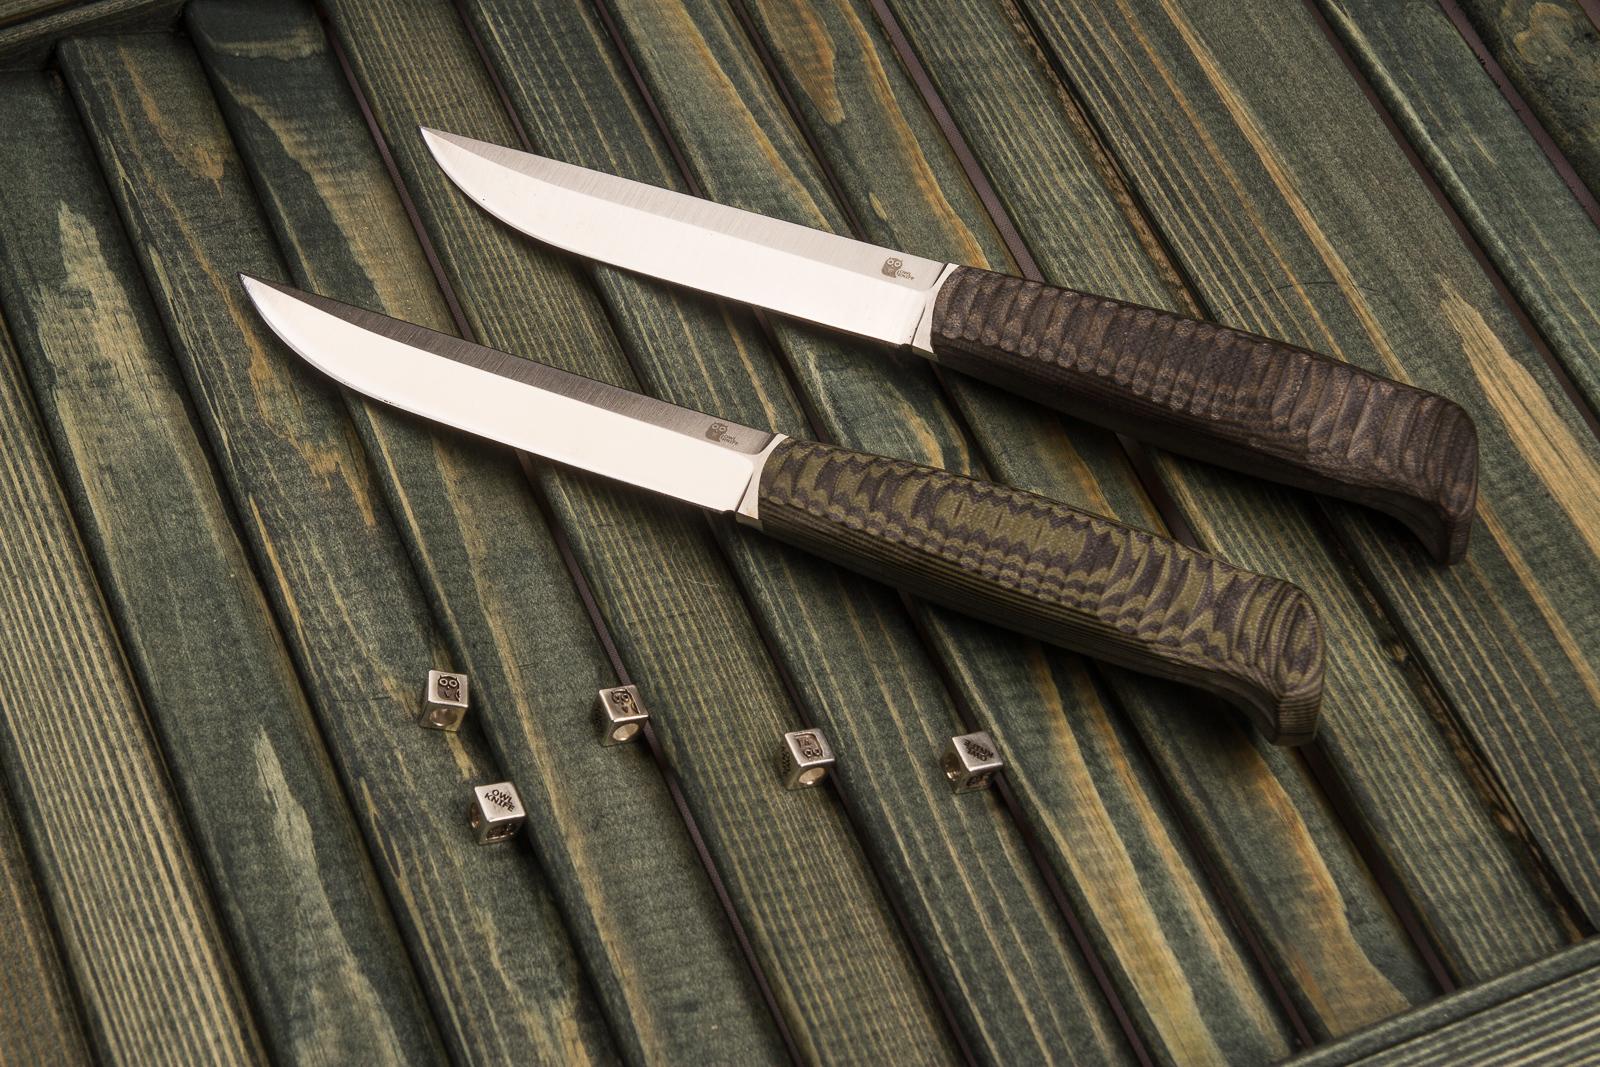 Фото 4 - Финка с грибком и каплей North, N690 от Owl Knife